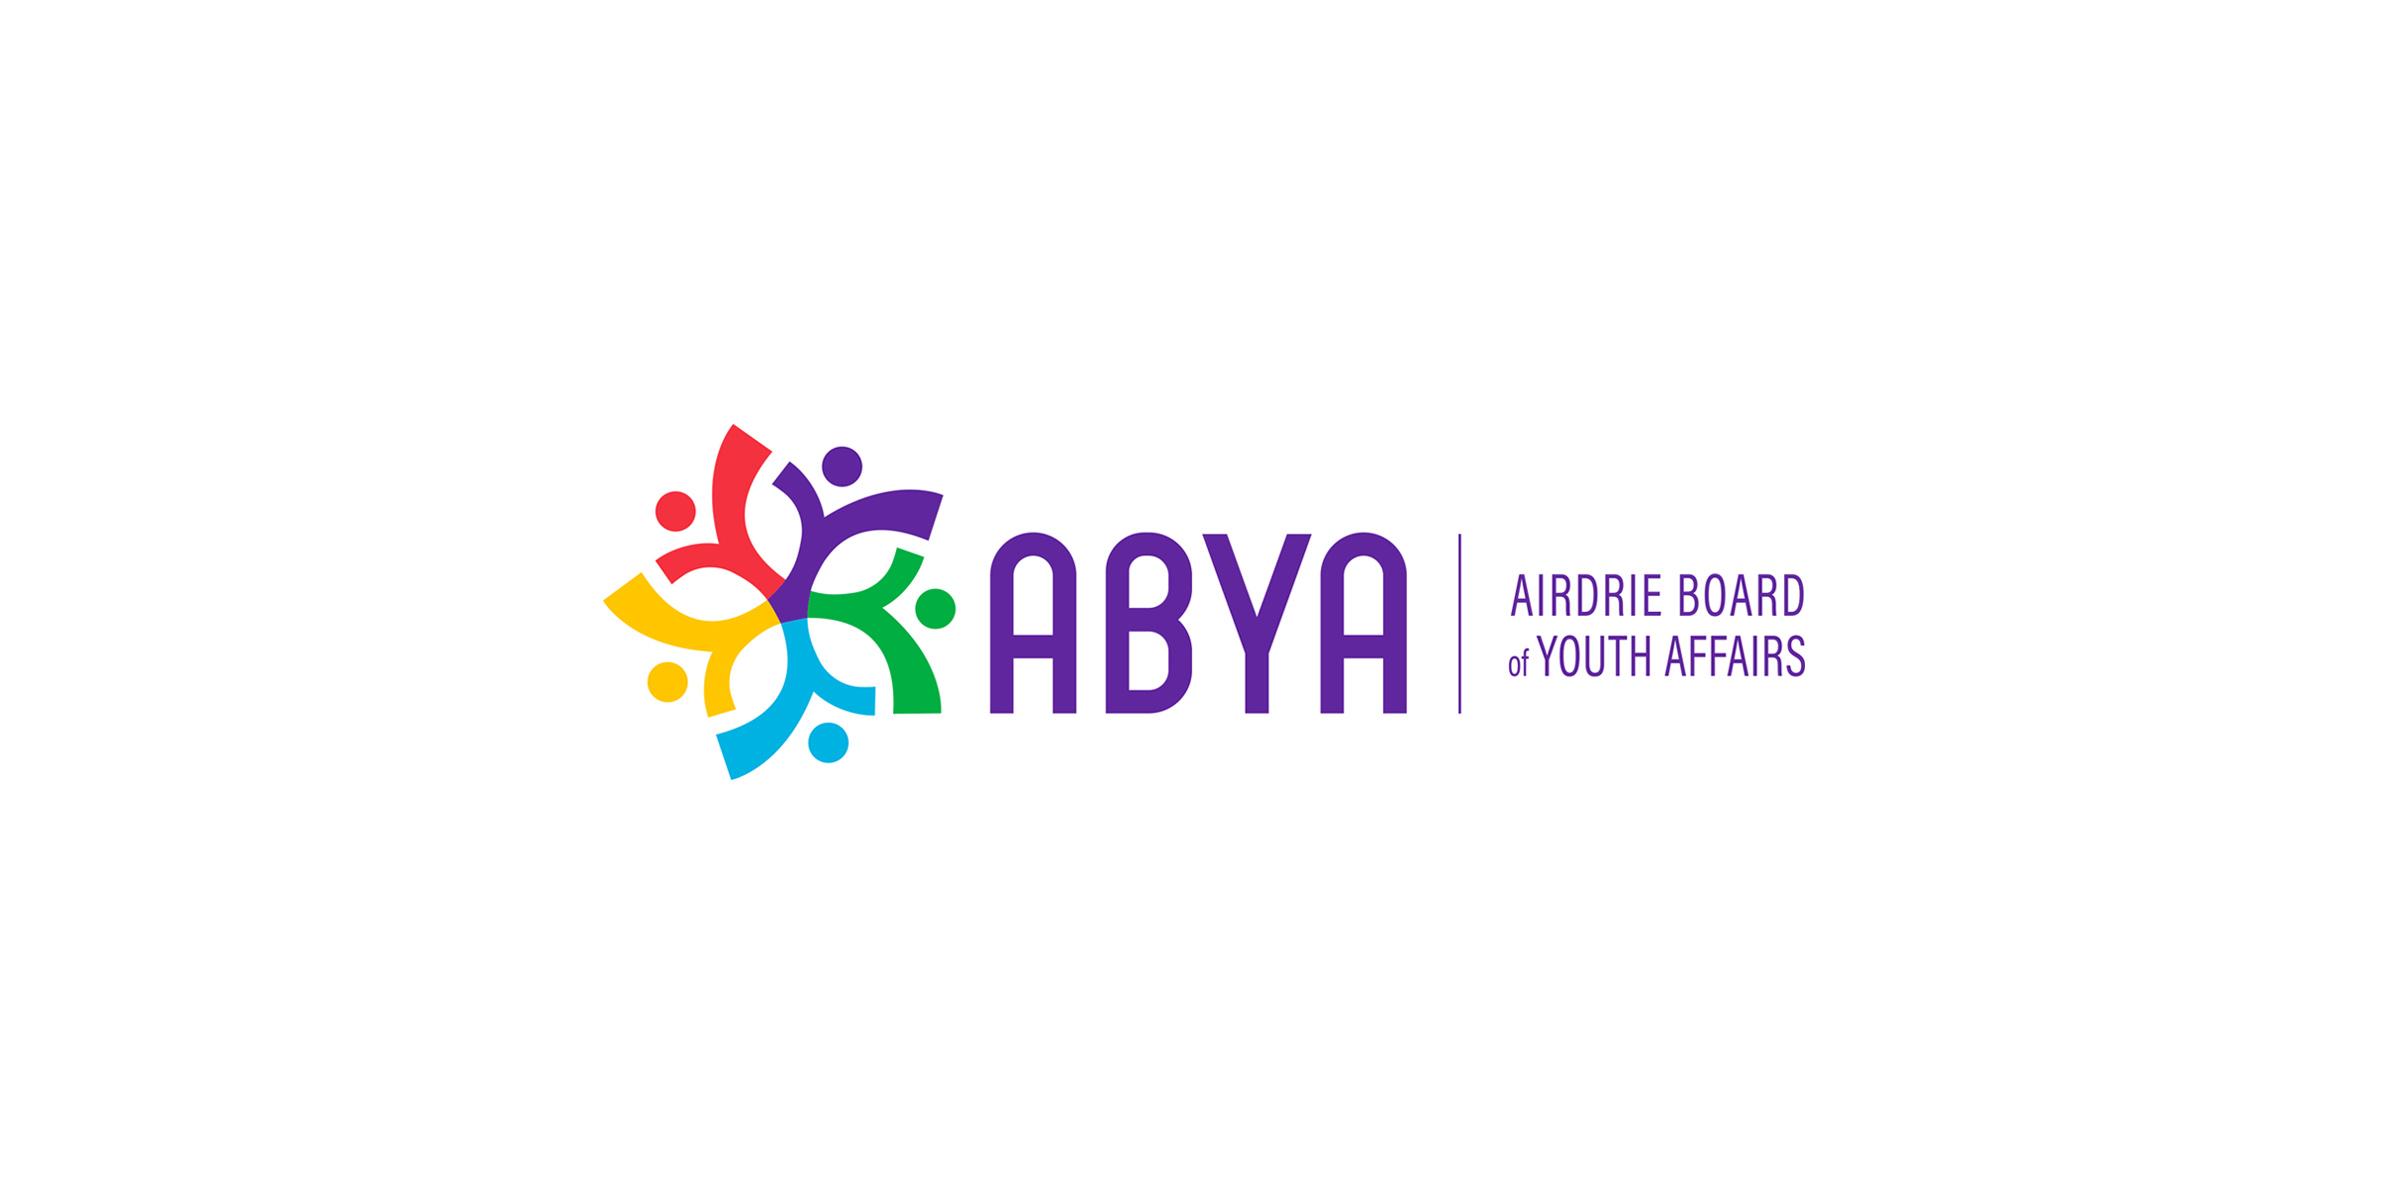 ABYA full logo design